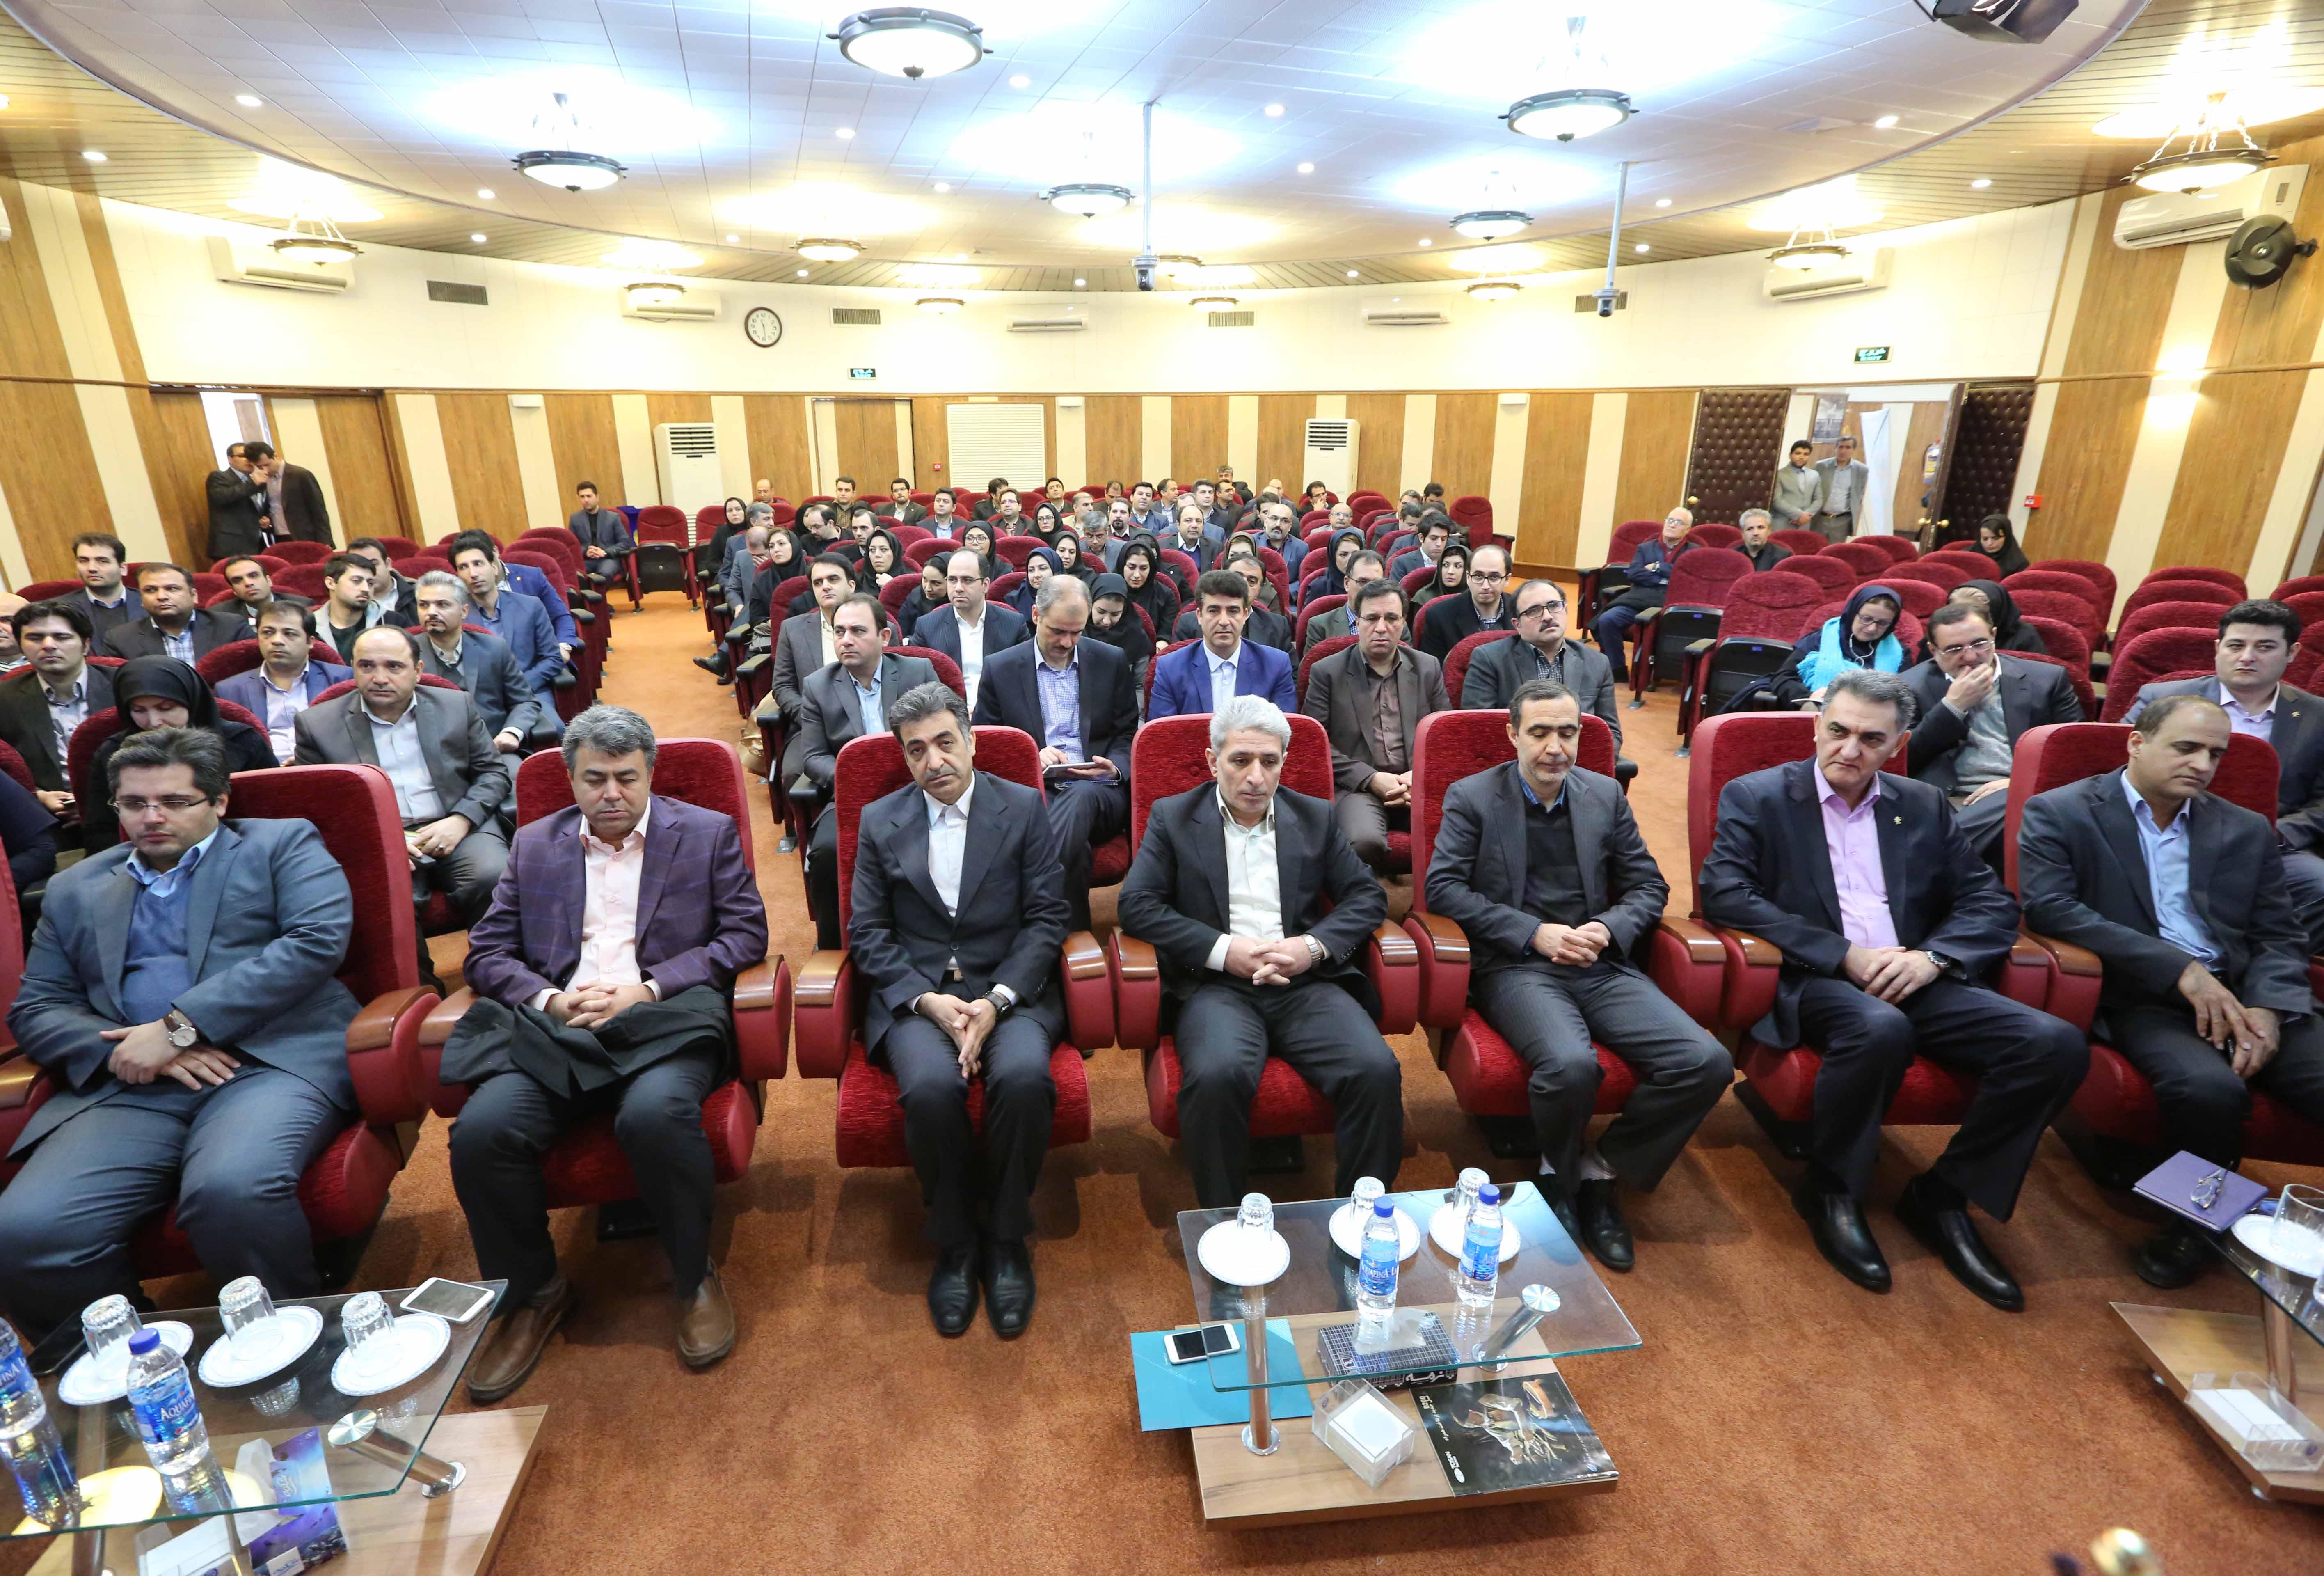 مراسم رسمی تودیع ومعارفه مدیران عامل شرکت داده ورزی سداد با حضور مدیرعامل بانک ملی ایران برگزارشد.